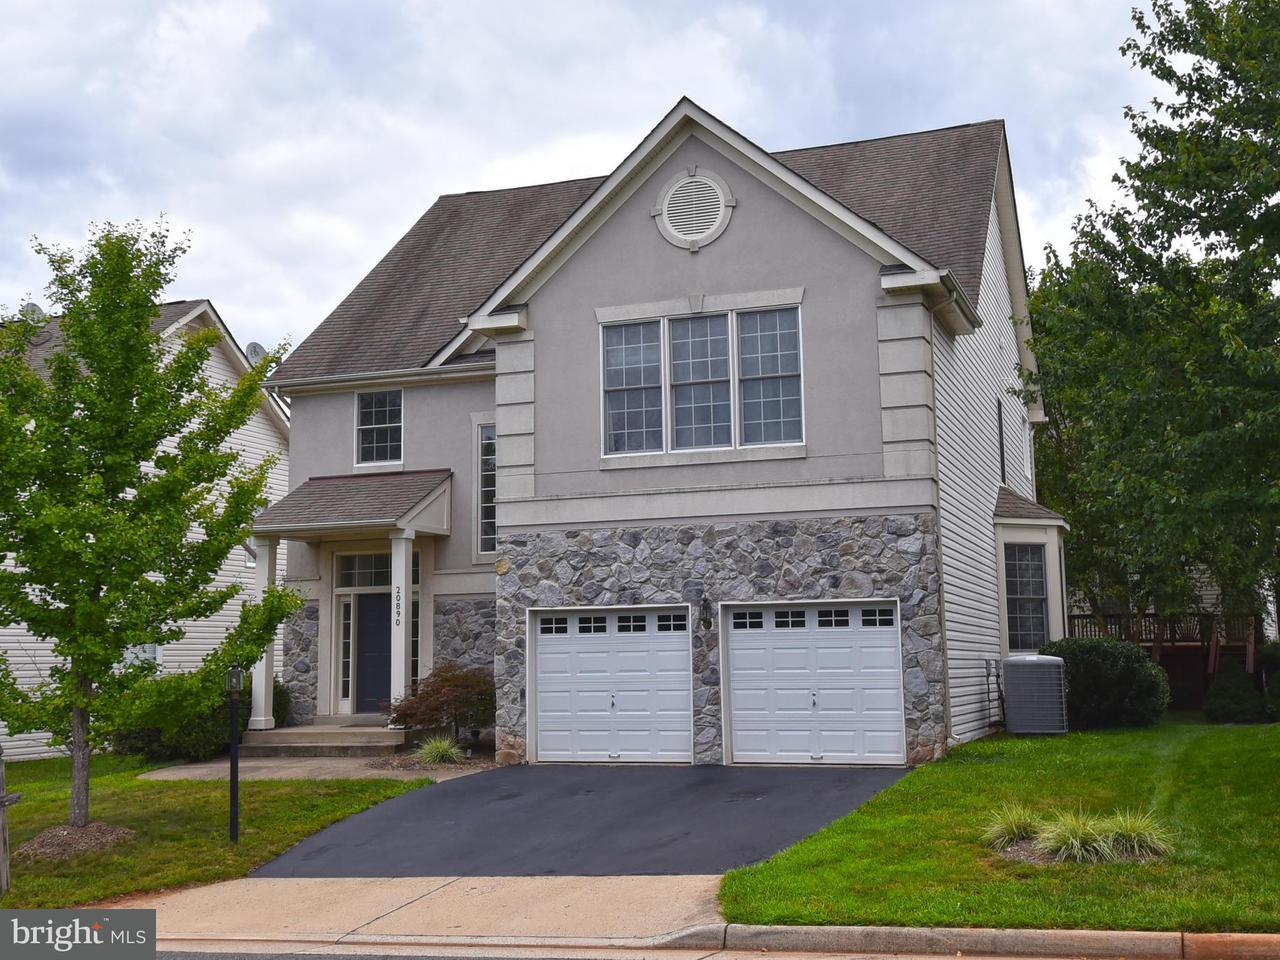 Частный односемейный дом для того Продажа на 20890 Serenity Court 20890 Serenity Court Potomac Falls, Виргиния 20165 Соединенные Штаты